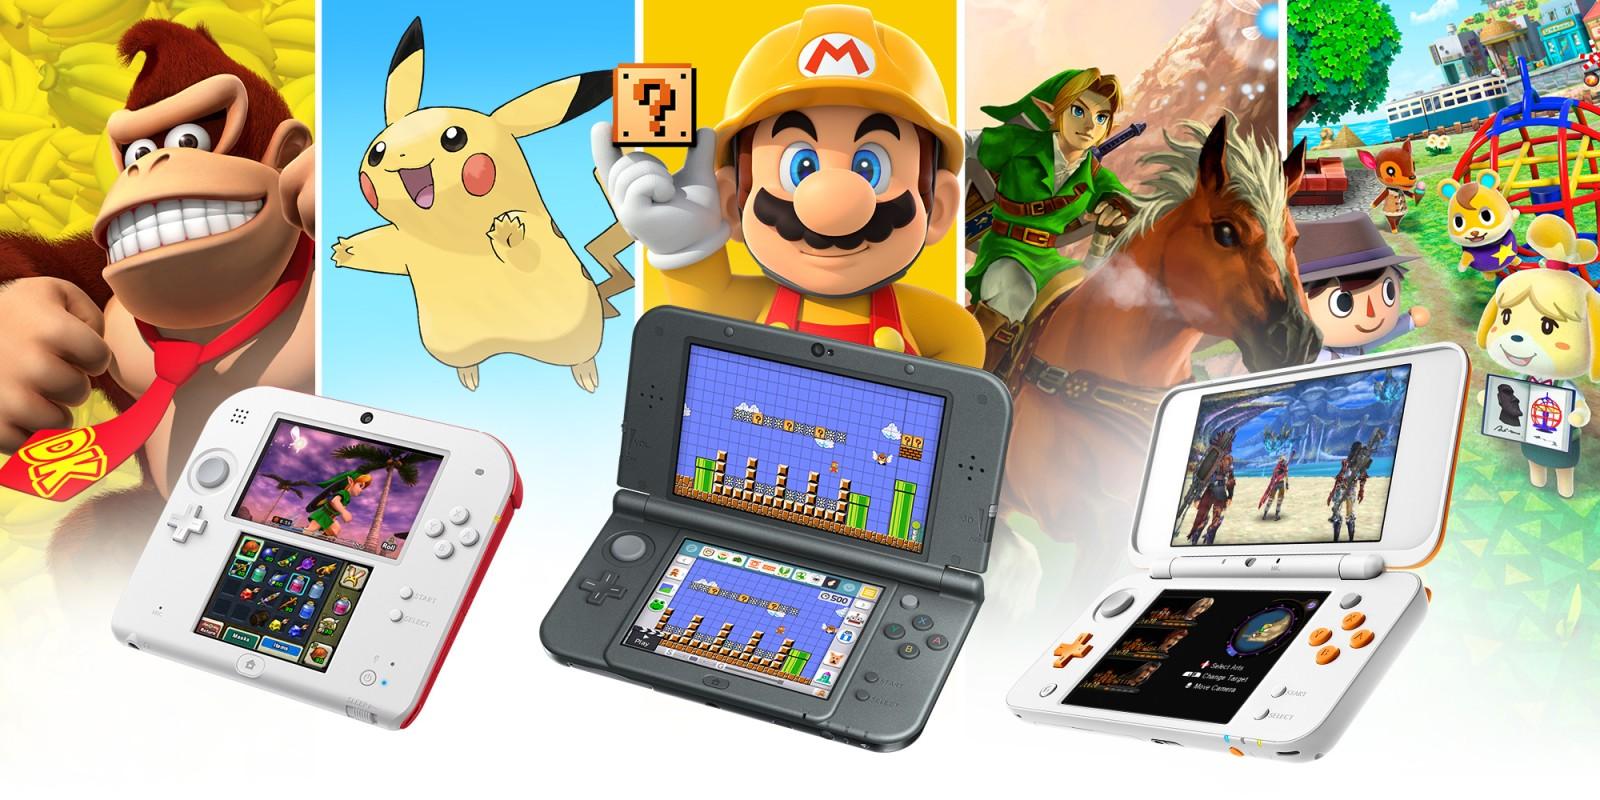 Vendas do Nintendo 3DS estão caindo mais rápido do que a Nintendo esparava